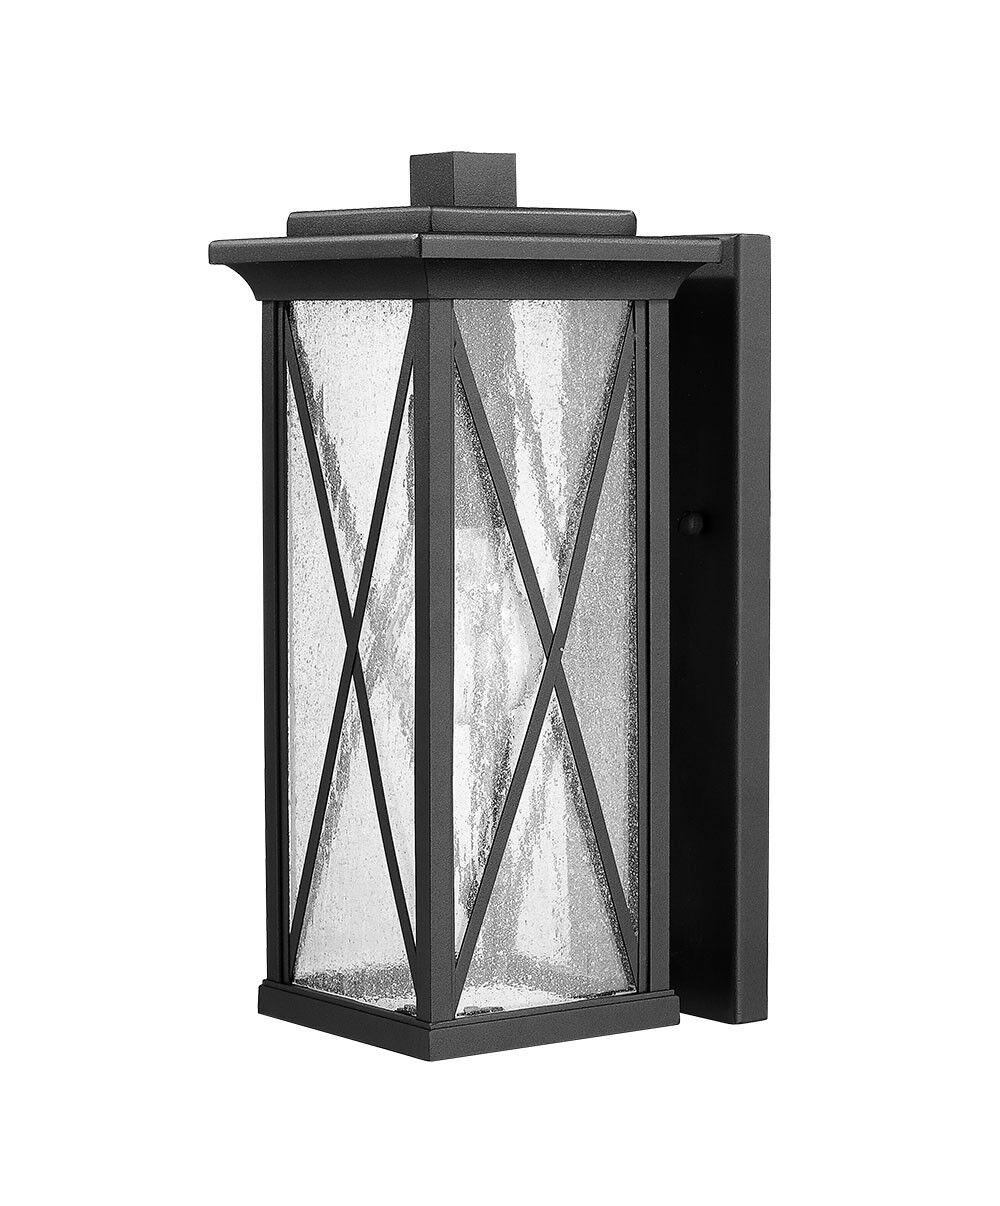 Luz De Parojo De 1 Luz Negro Cruz al aire libre 13  H X 6  W Actualizado Moderno Puerta Frontal 10